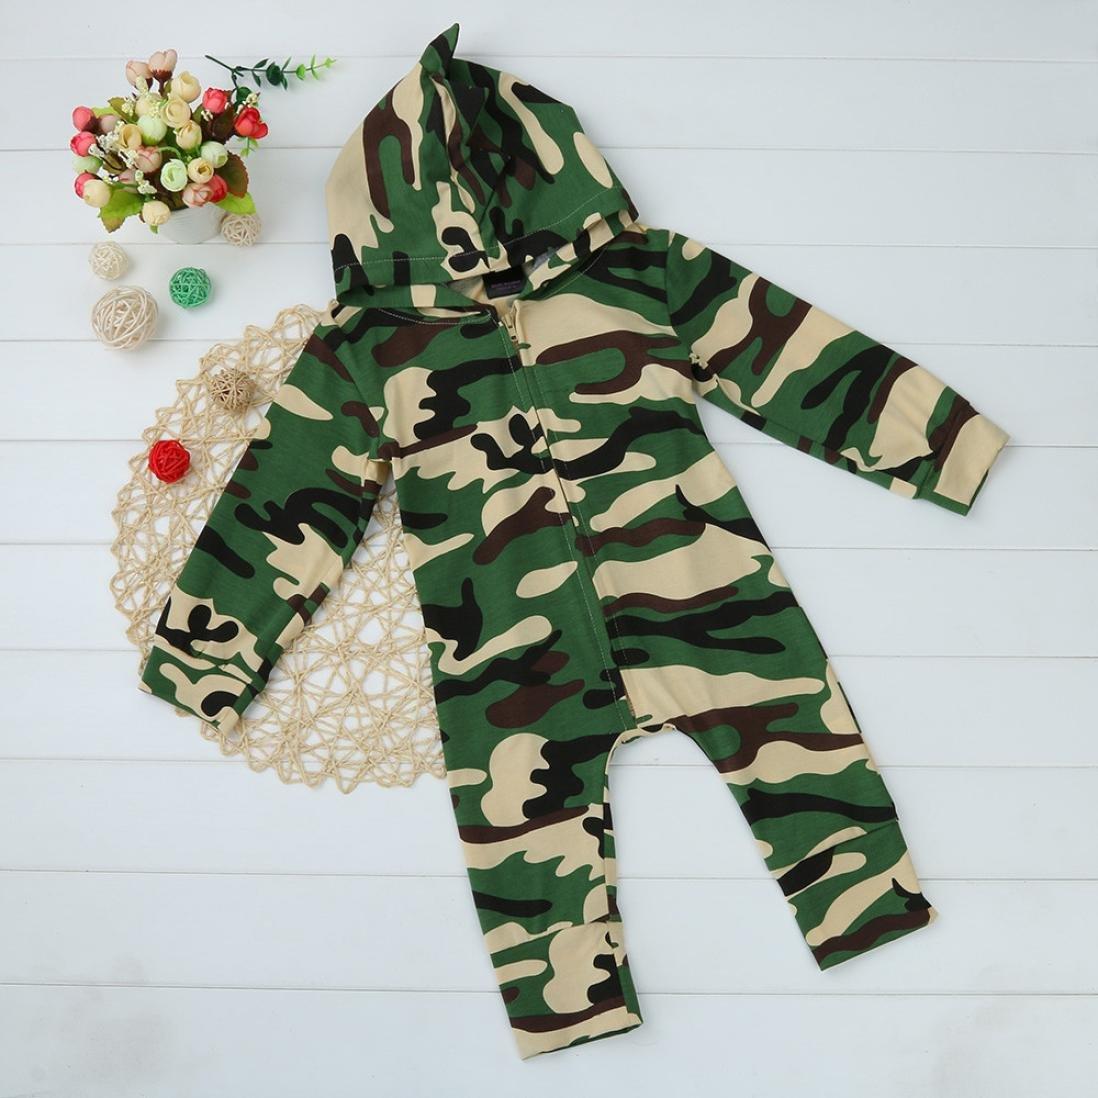 feiXIANG Bambini Tuta Neonato neonato bambino ragazzi ragazze camuffamento Hooded pigiama tuta abbigliamento vestito-camouflage-carino